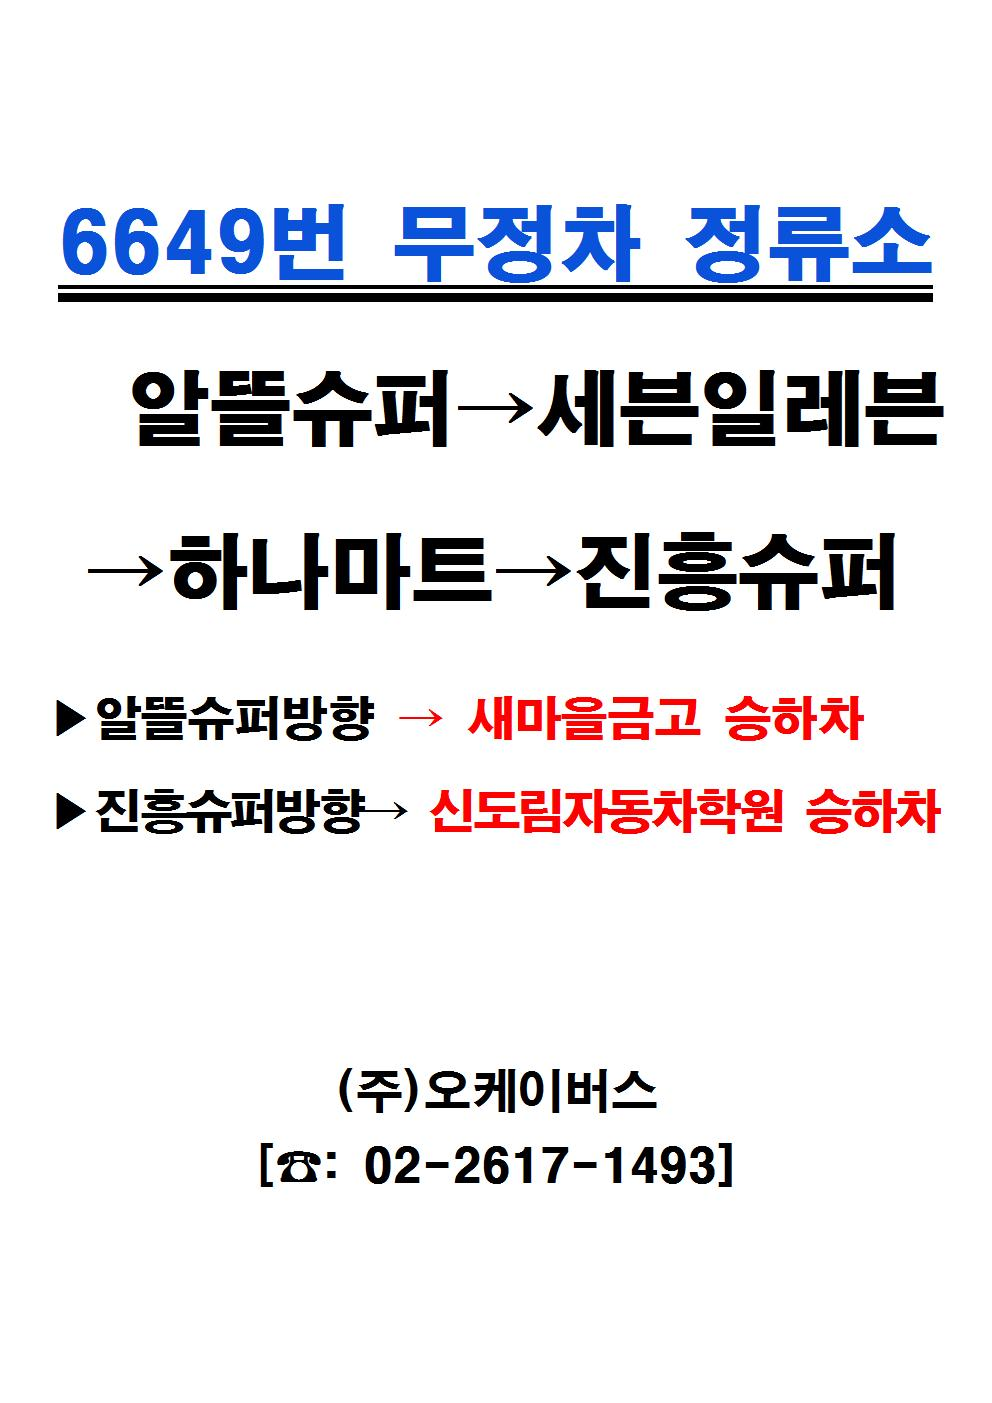 임시우회안내문(오케이버스 6649)1002.jpg